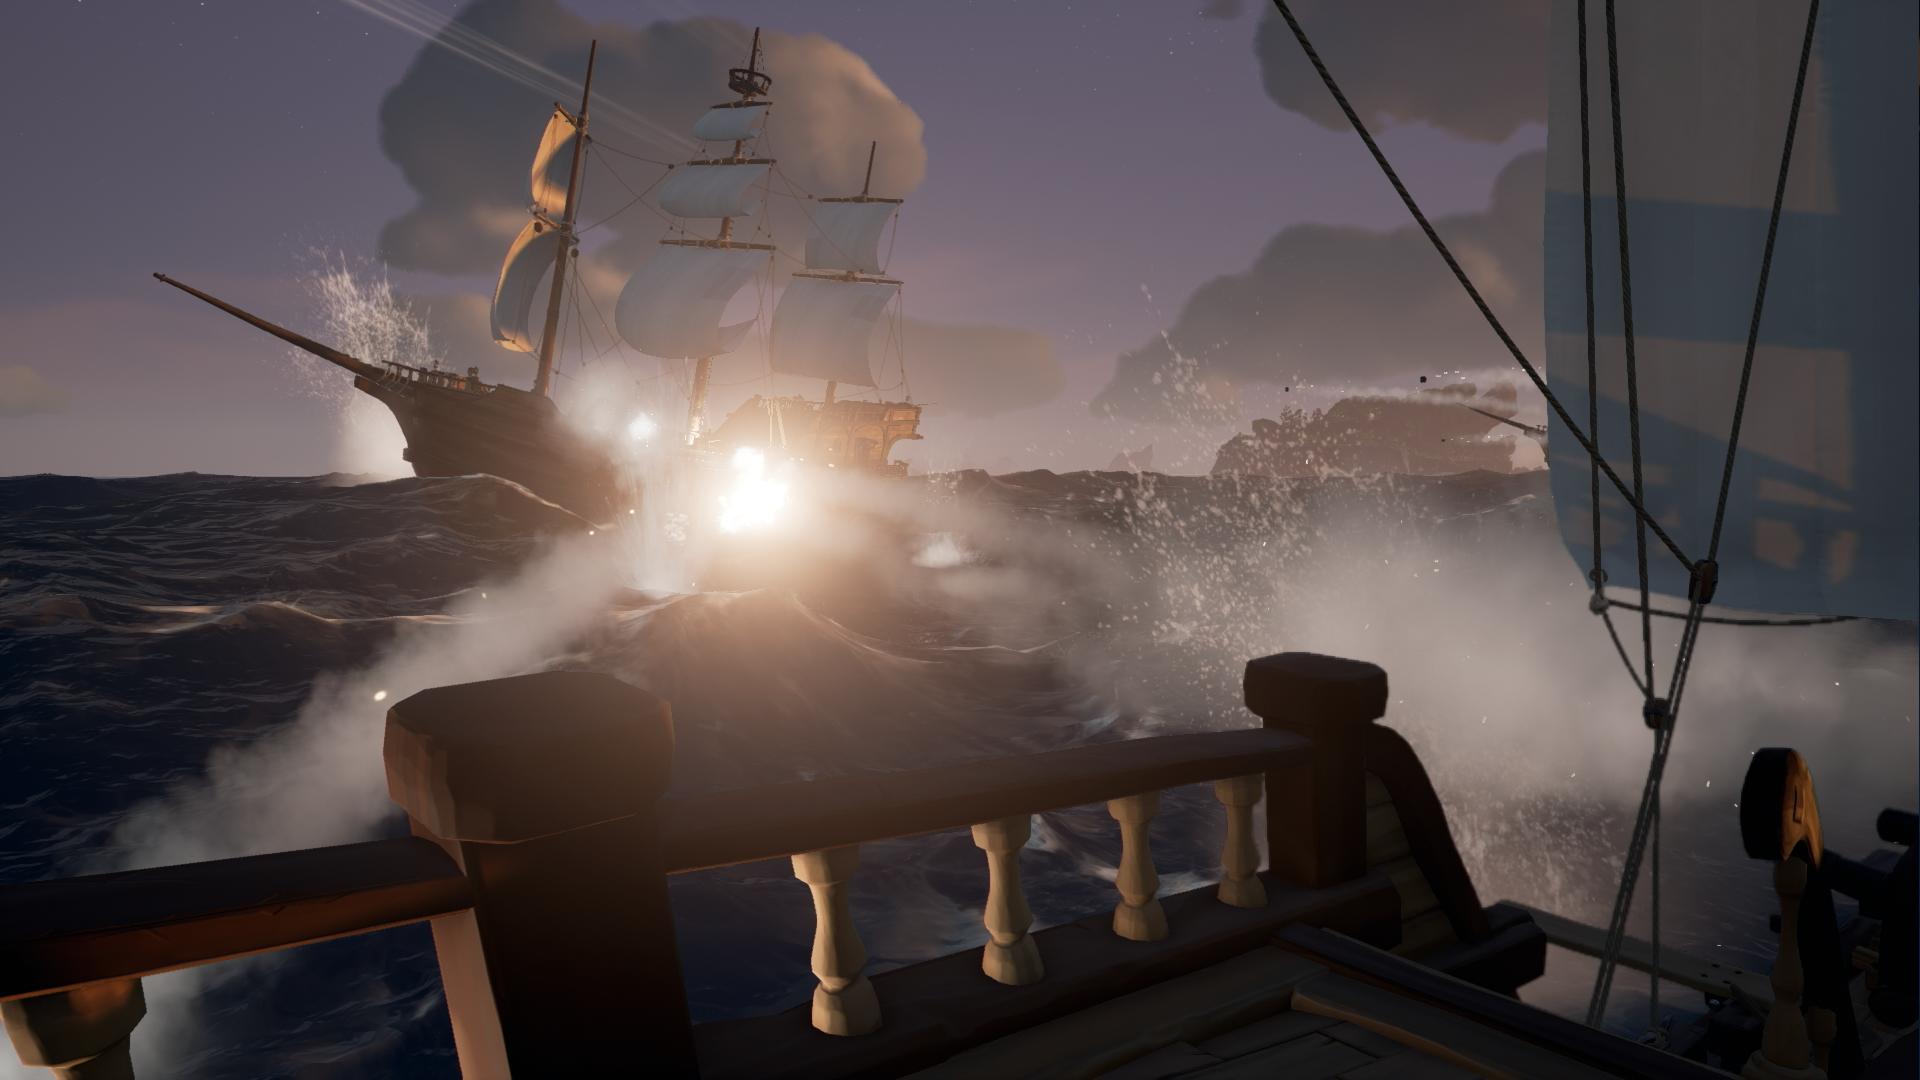 海賊となり大海原を支配しよう『Sea of Thieves』 | がめついGameTwist